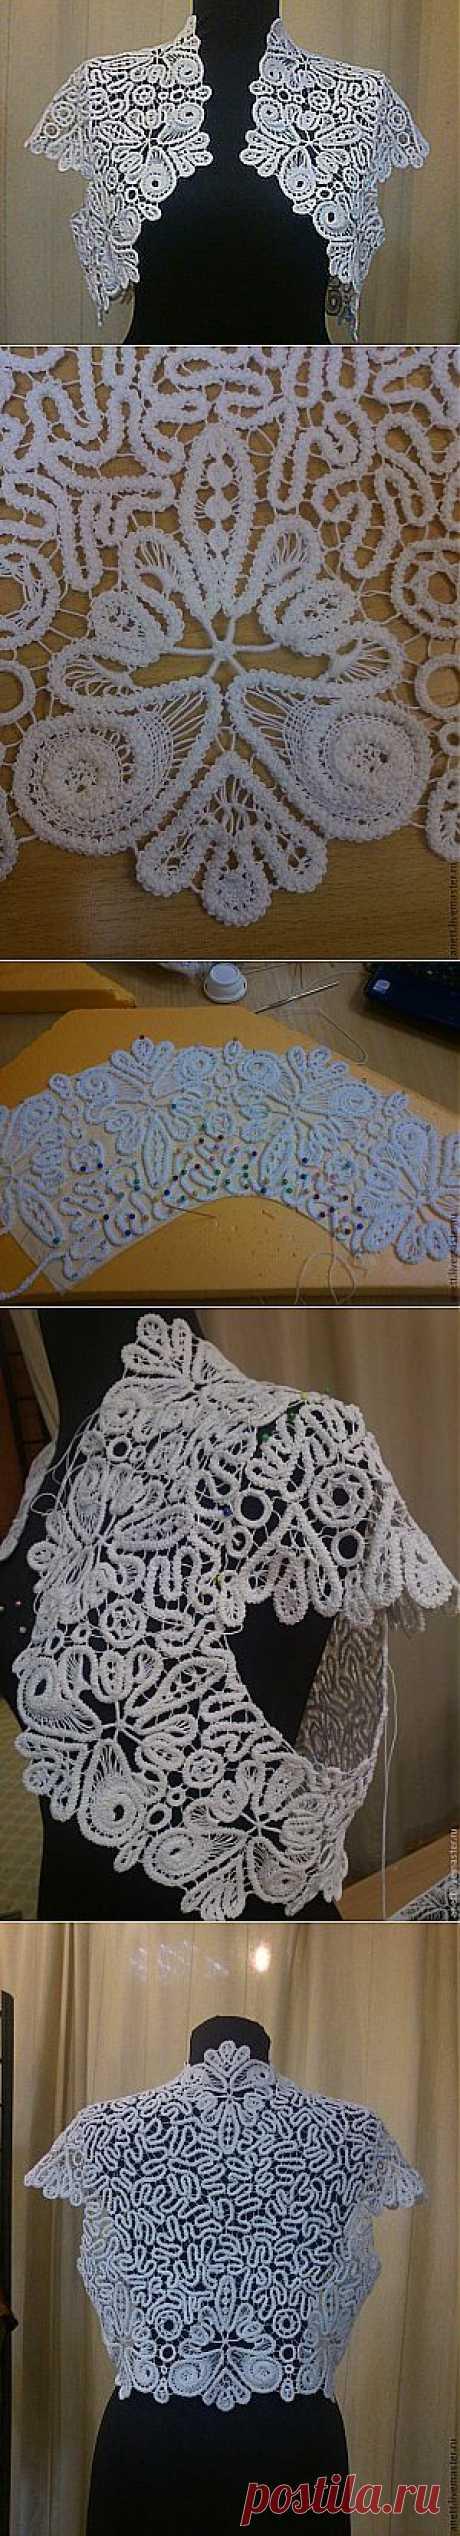 Румынское кружево от идеи до воплощения - Ярмарка Мастеров - ручная работа, handmade